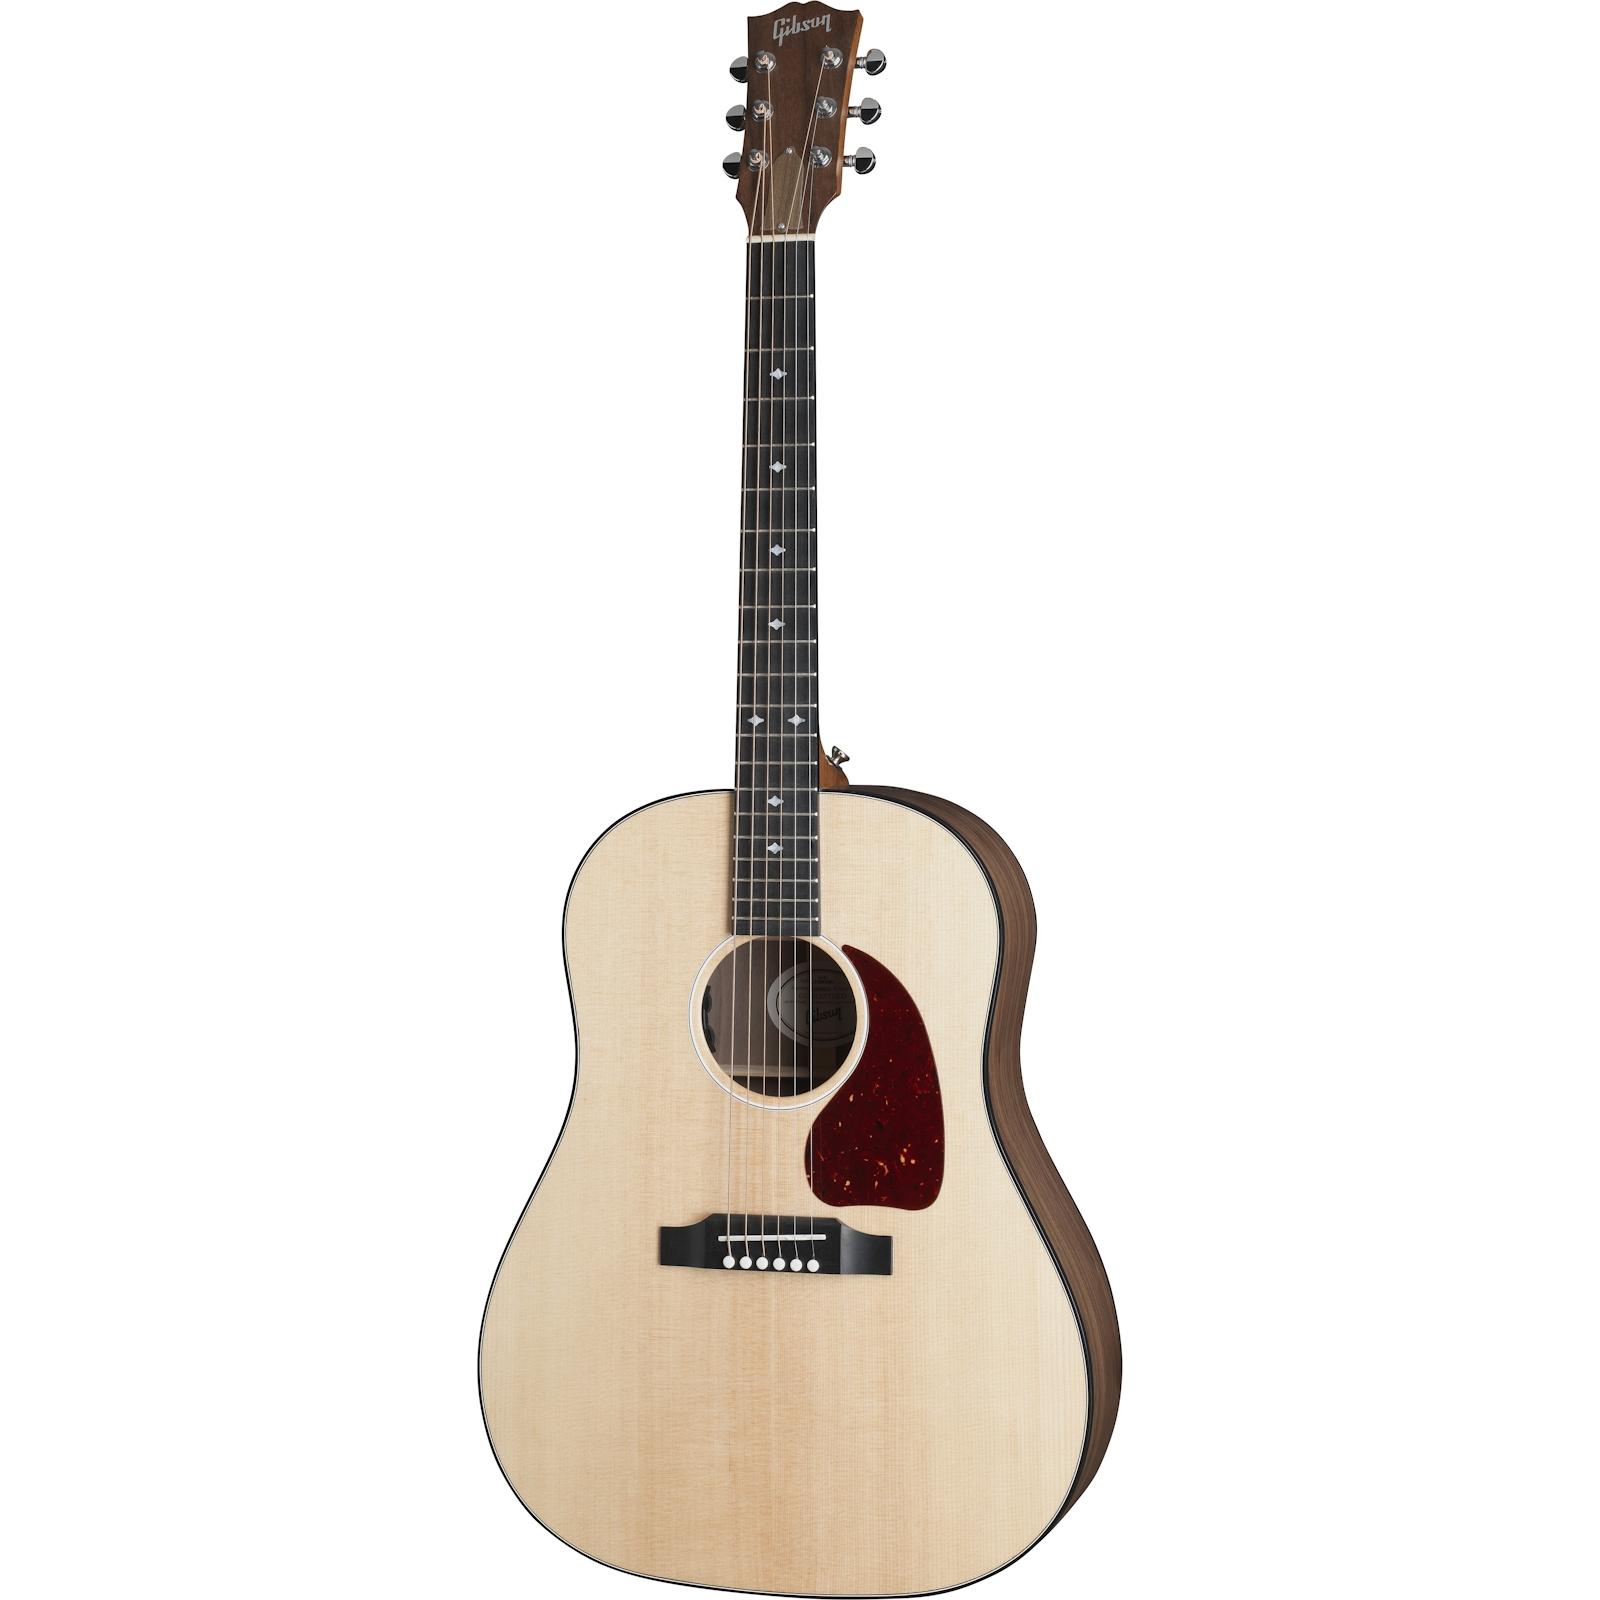 Gibson G-45 Standard inklusive Koffer